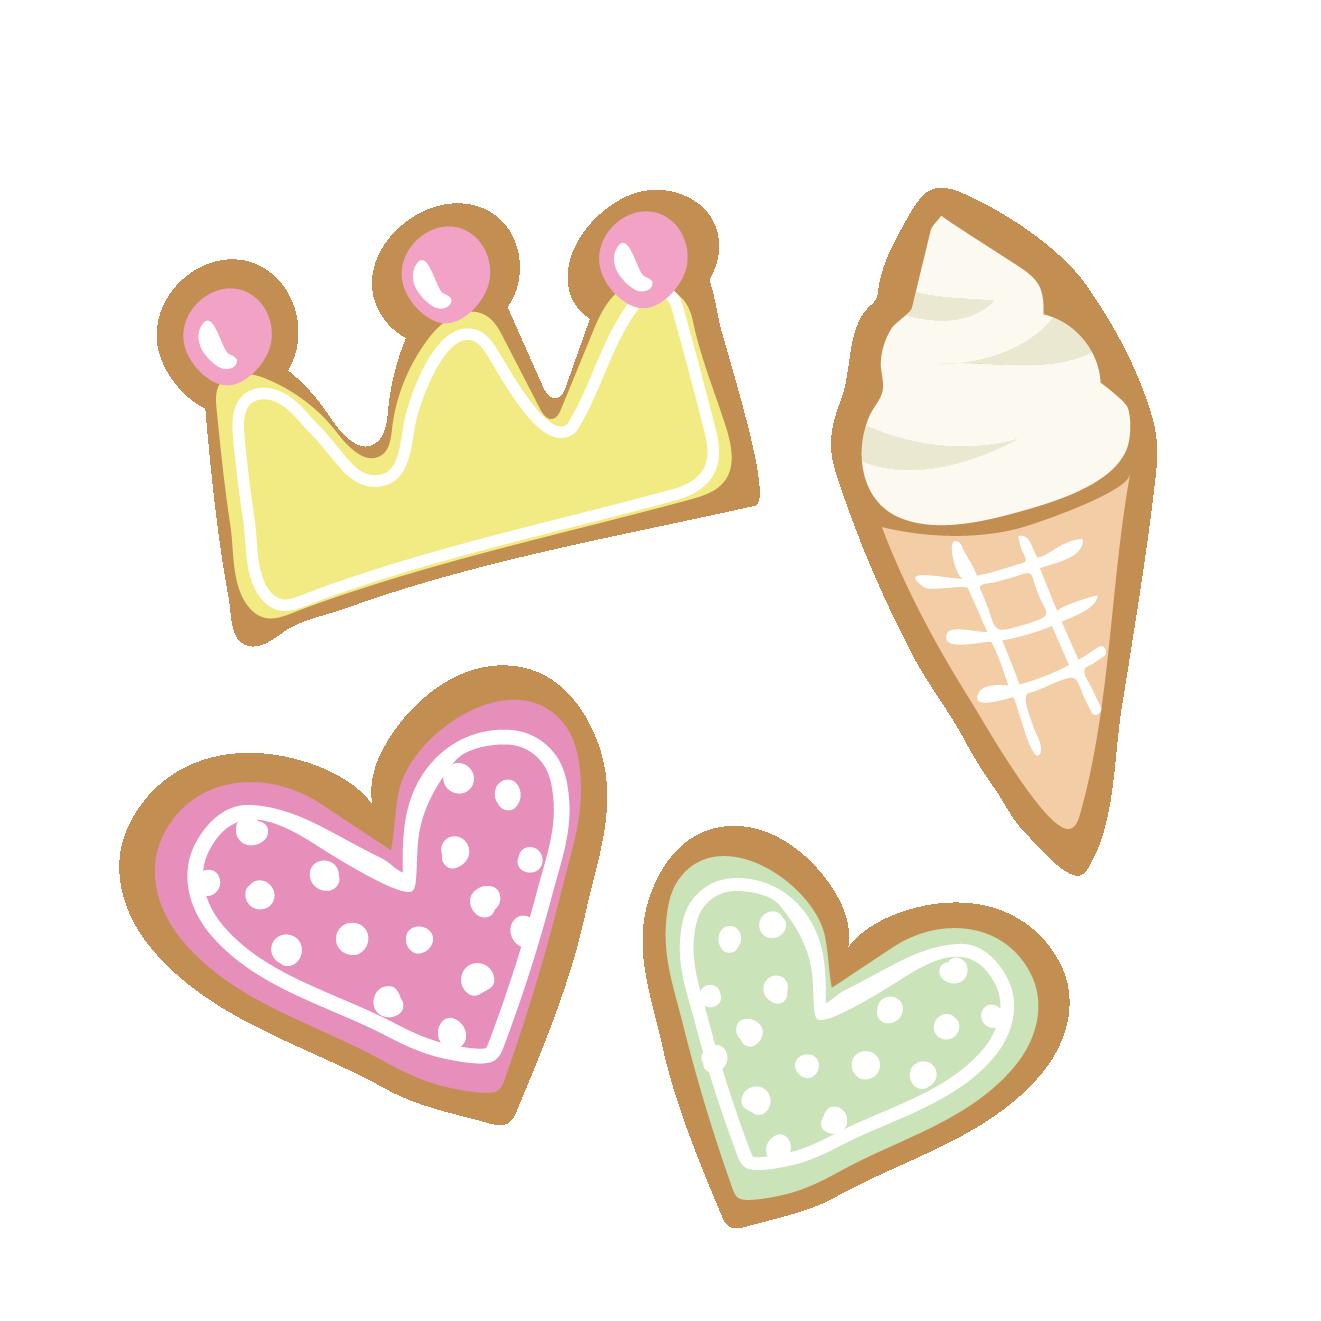 可愛いアイシングクッキーハートにティアラ型のイラスト 商用